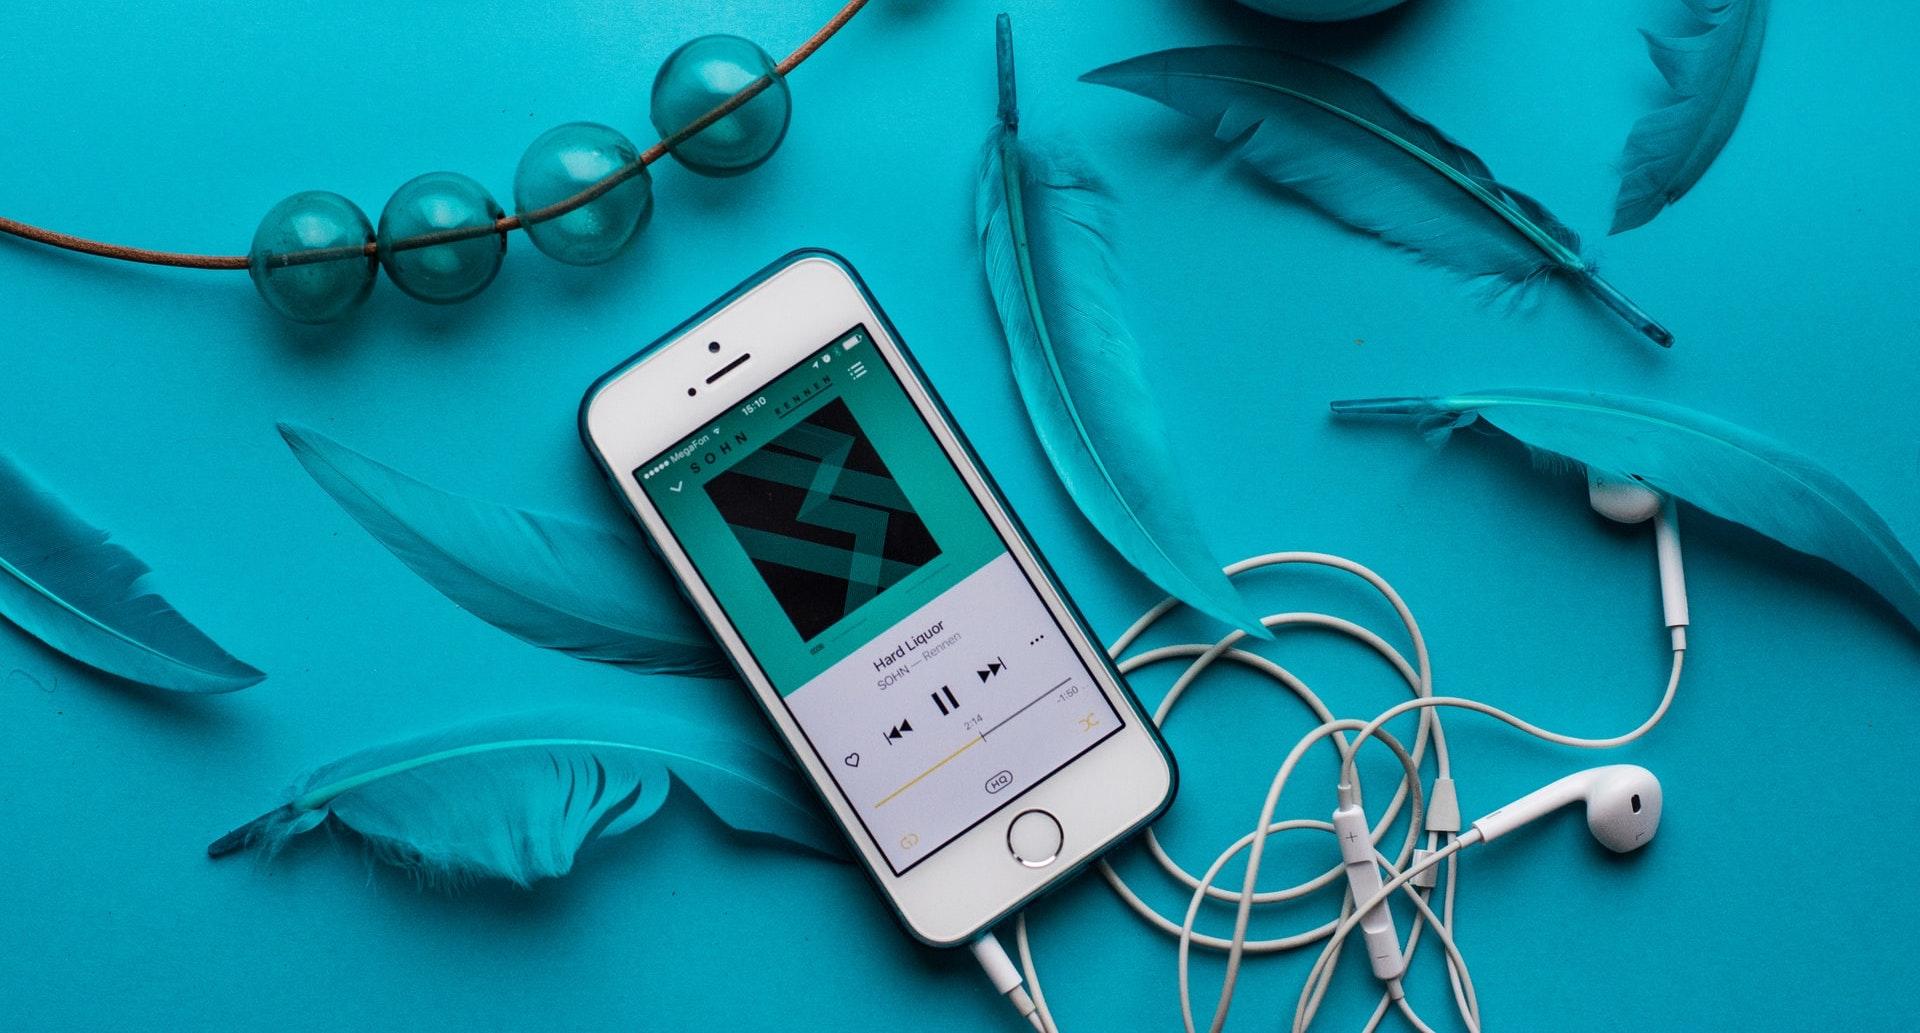 Musik auf iPhone laden